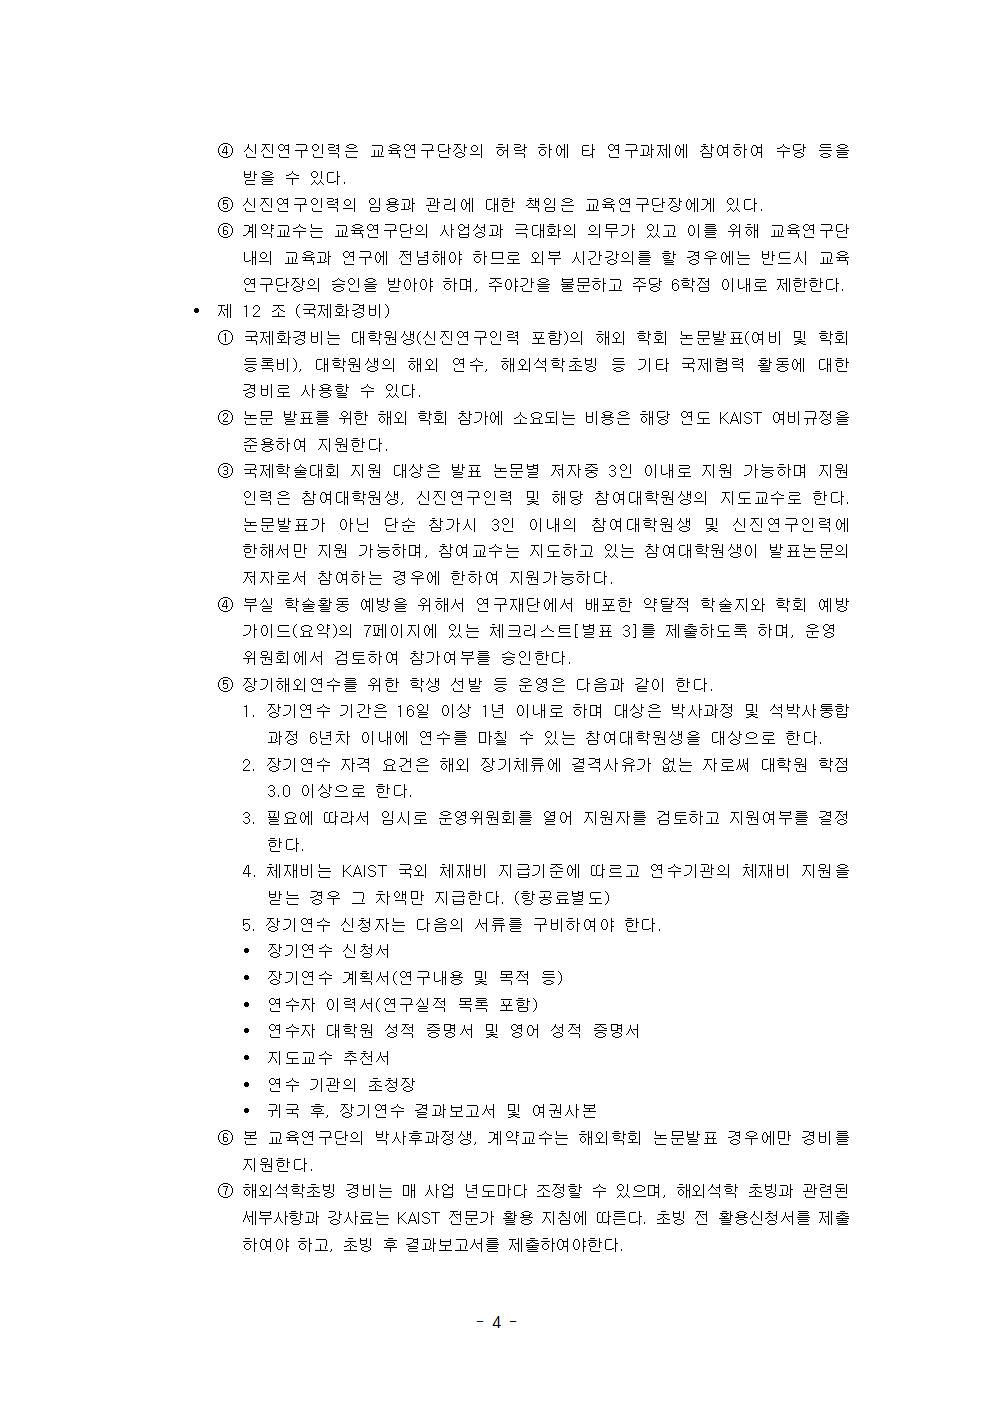 사회과학 AI 및 빅데이터 연구단 자체운영규정004